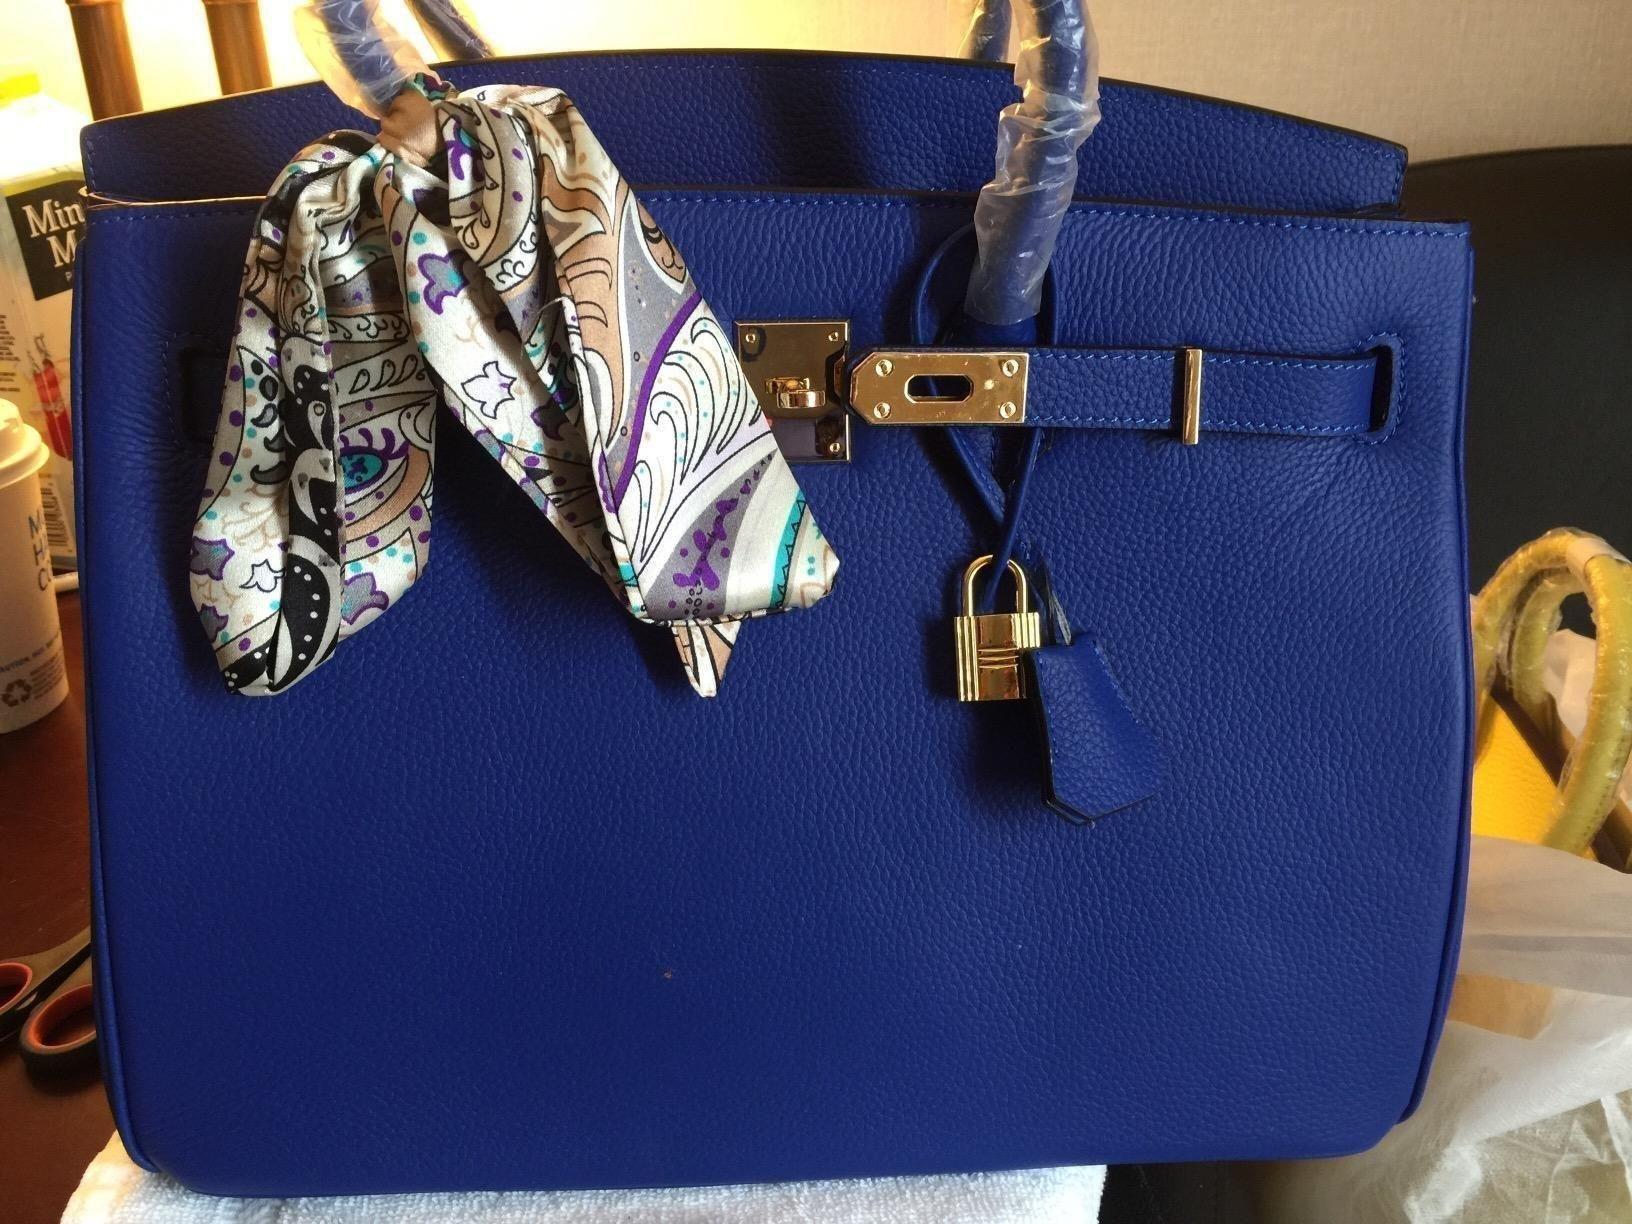 502cd3c04df5 Replica Sac Hermès révision du,Achetez le guide du sac Hermès de haute  qualité